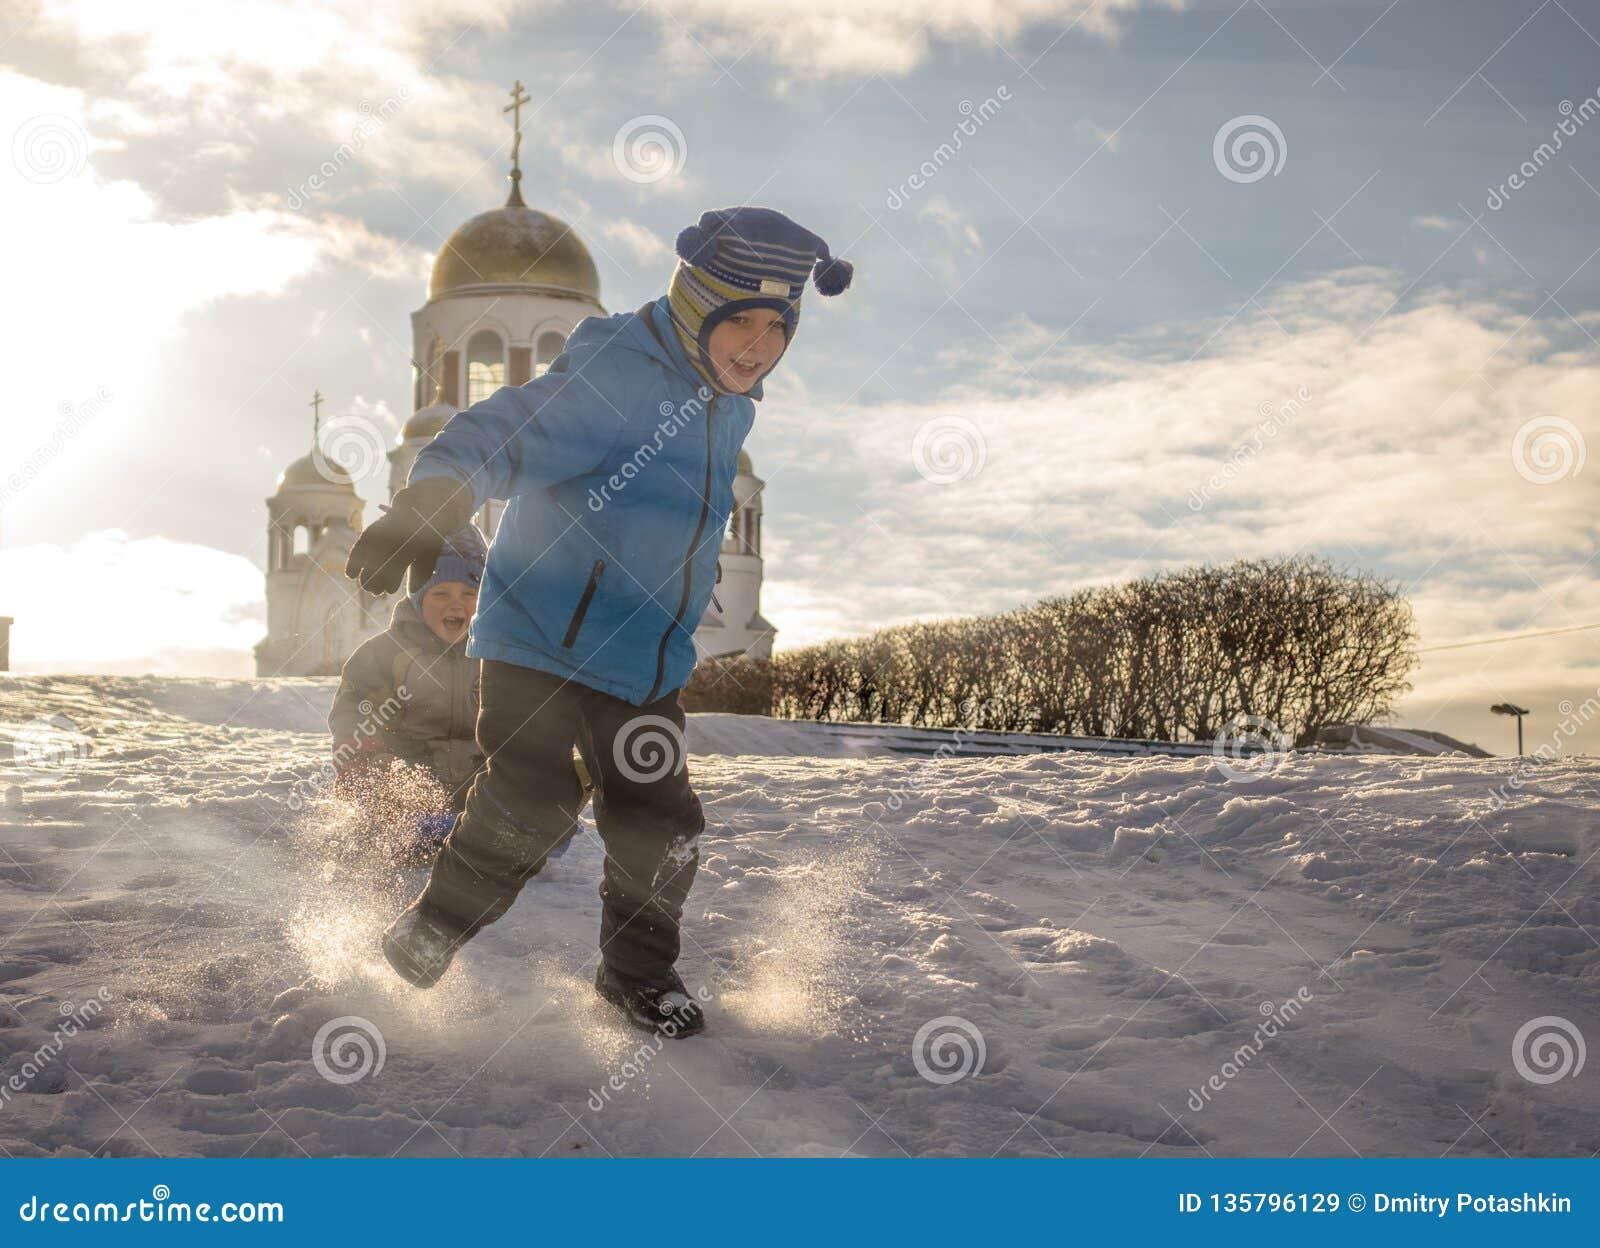 Een jongen vervoert zijn broer op een slee door zuivere sneeuw